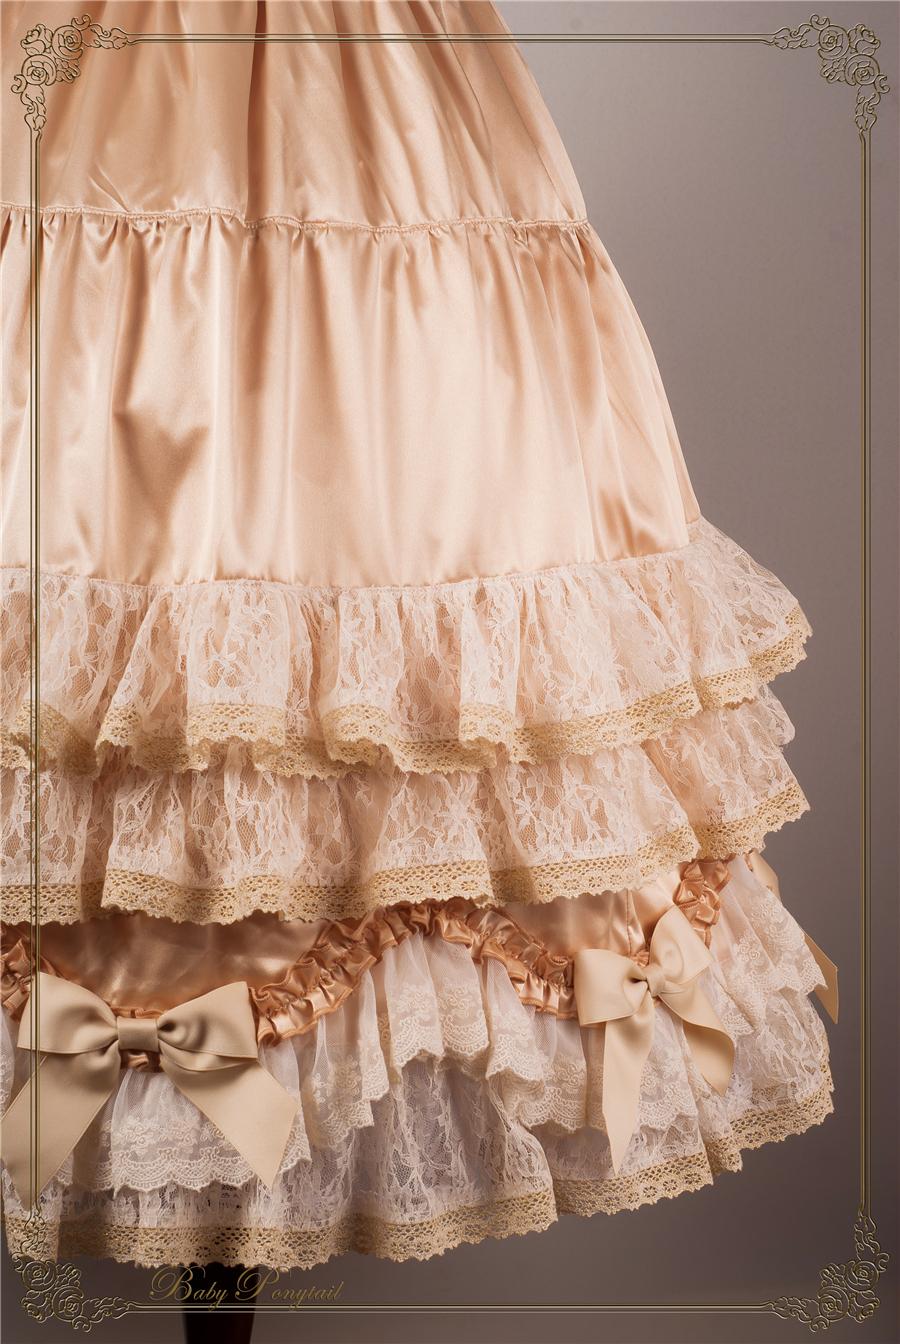 BabyPonytail_Rose Battle_Stock Photo_Skirt_1.jpg